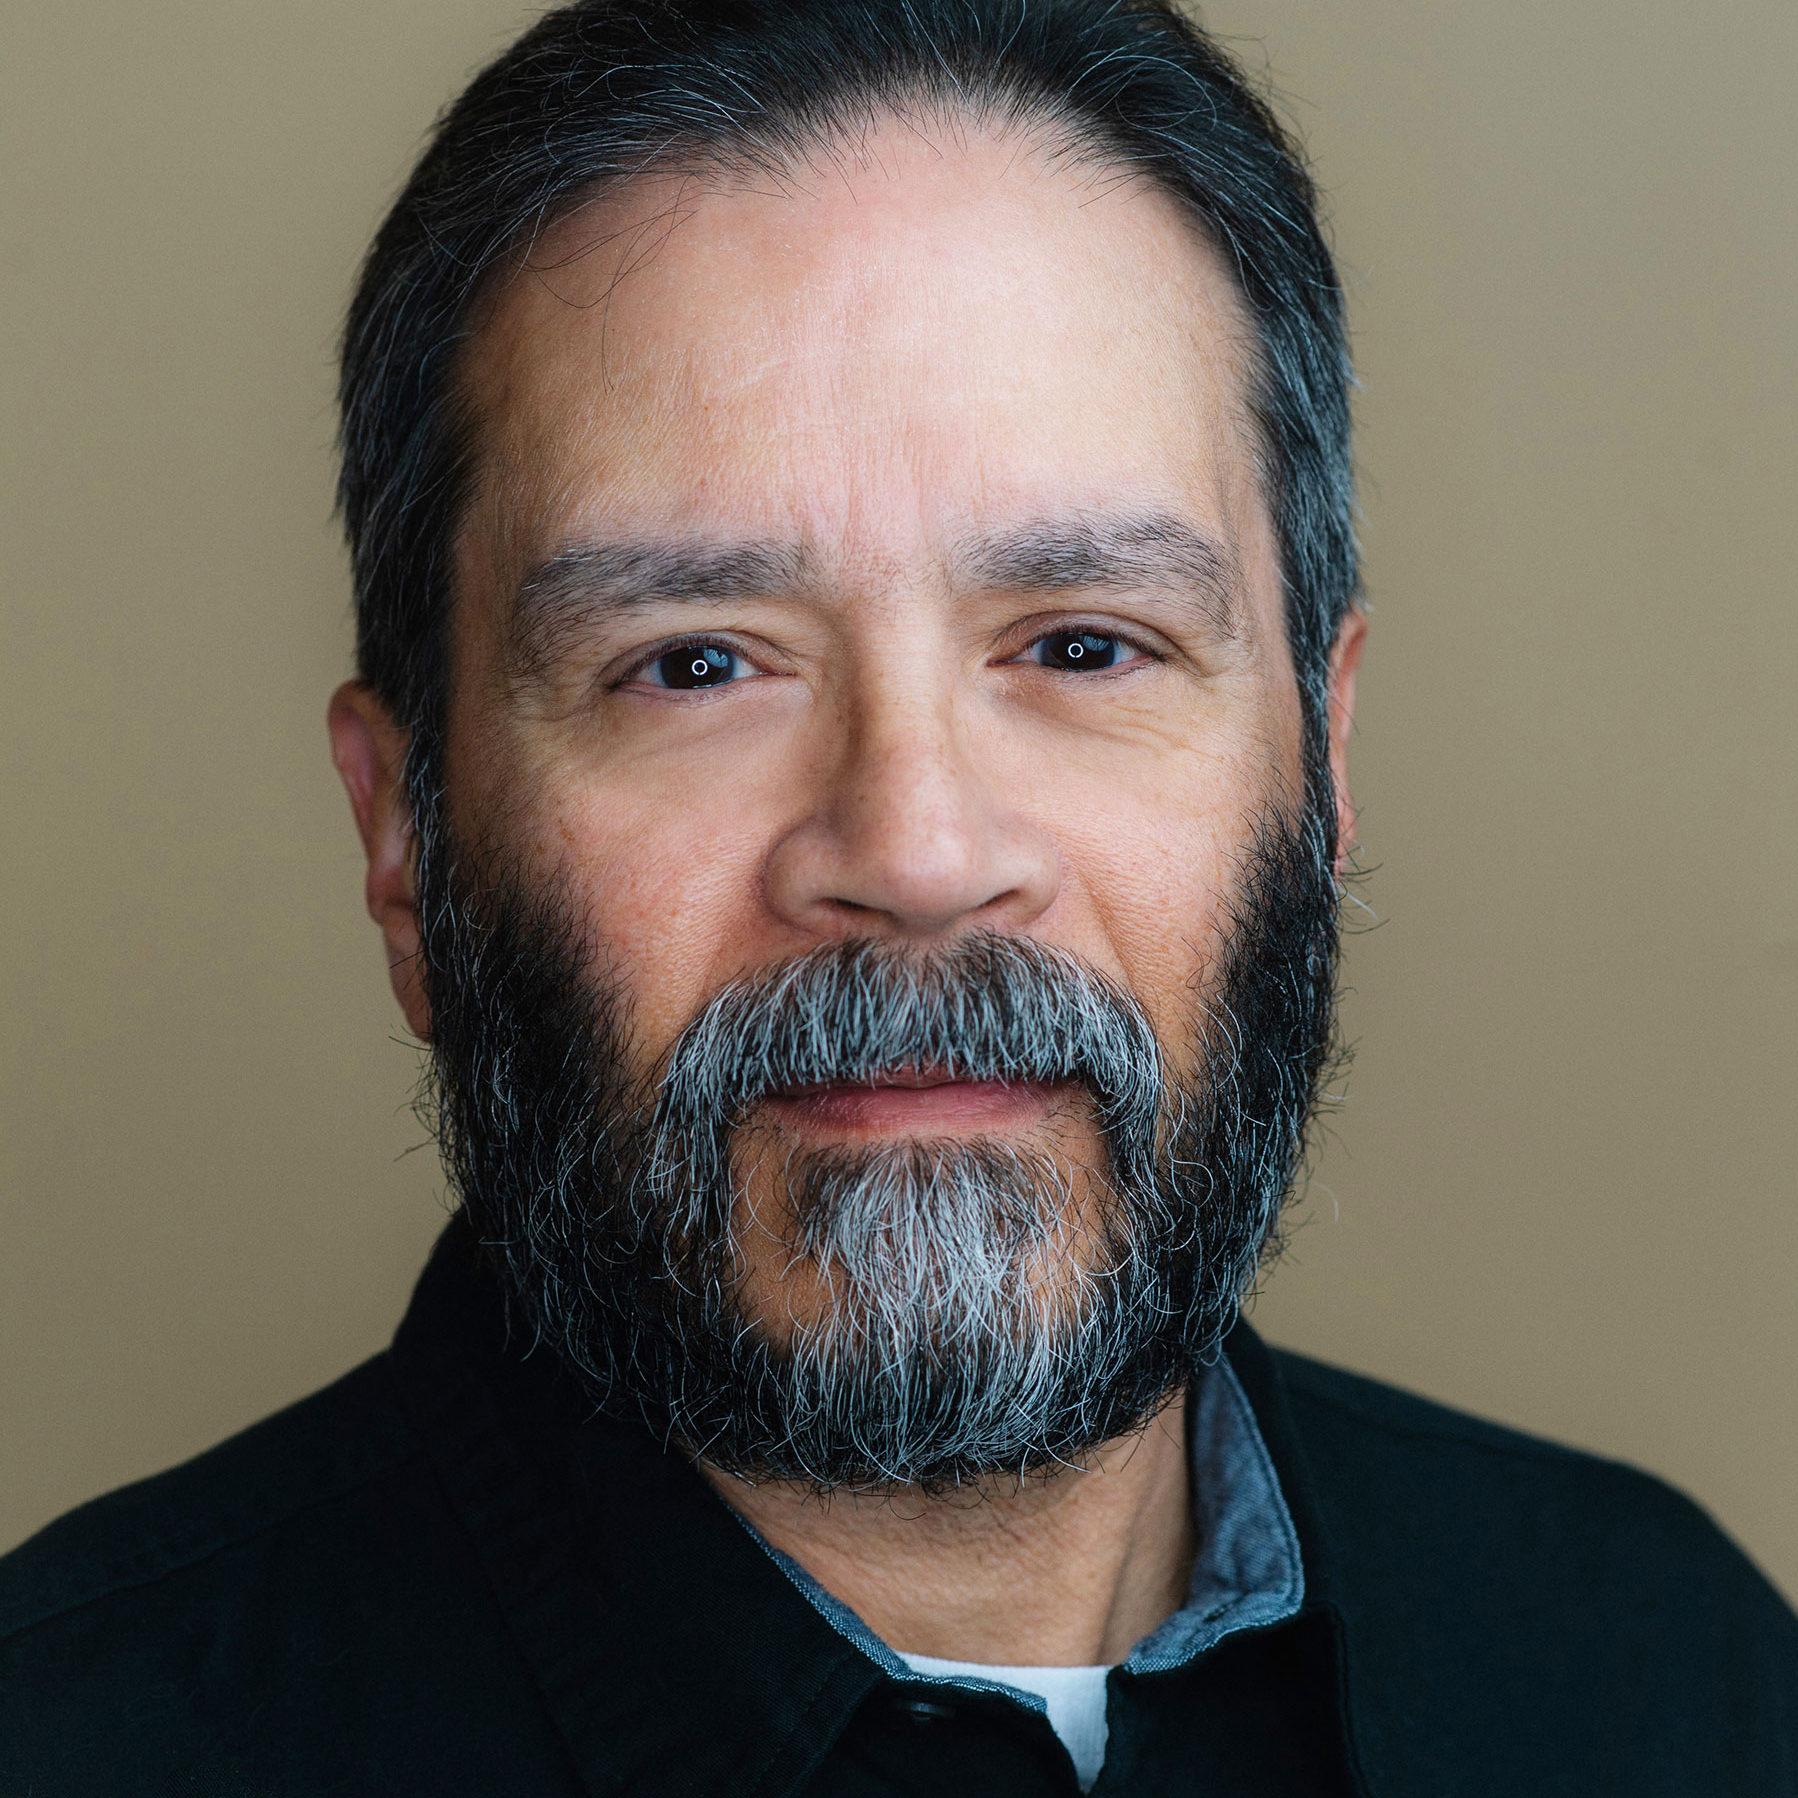 Walter Caraballo